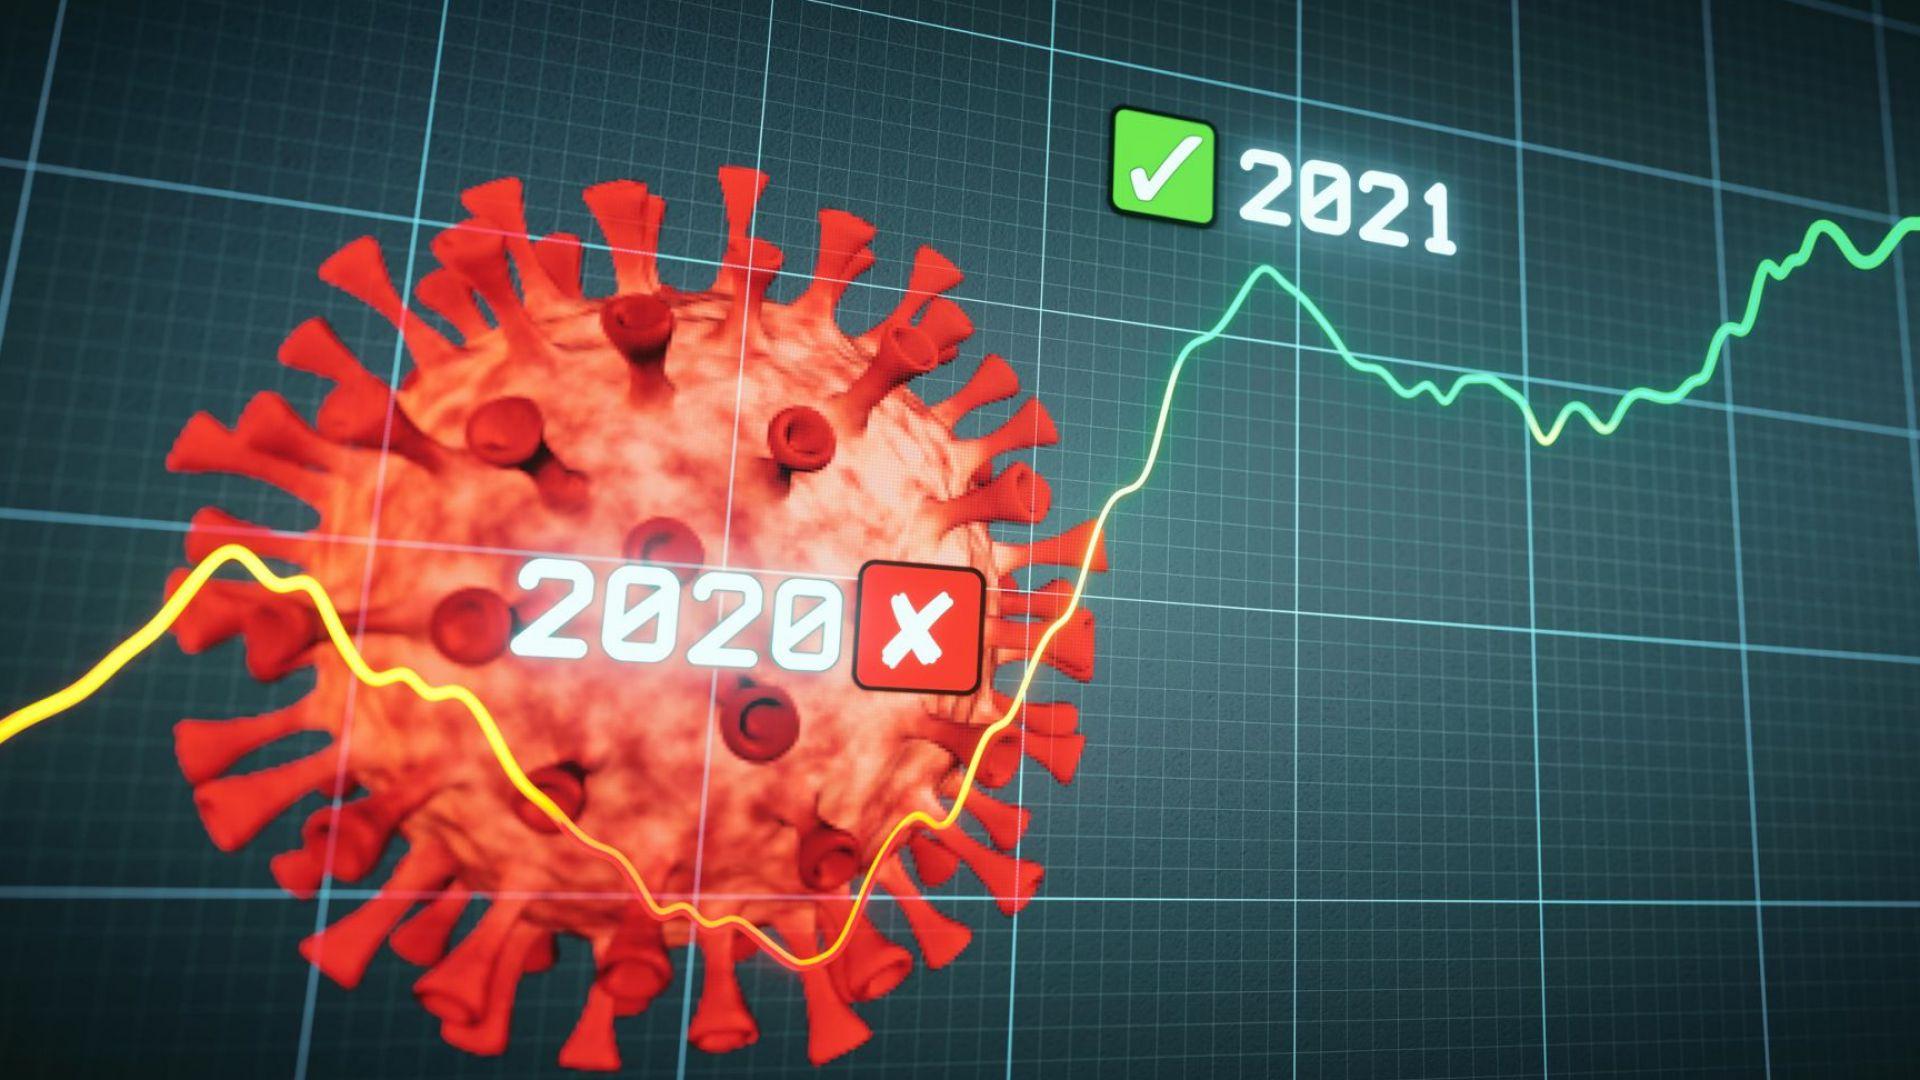 Ако ваксинацията напредне, България може да завърши годината с над 3% ръст на БВП и 4-5% през 2022 г.